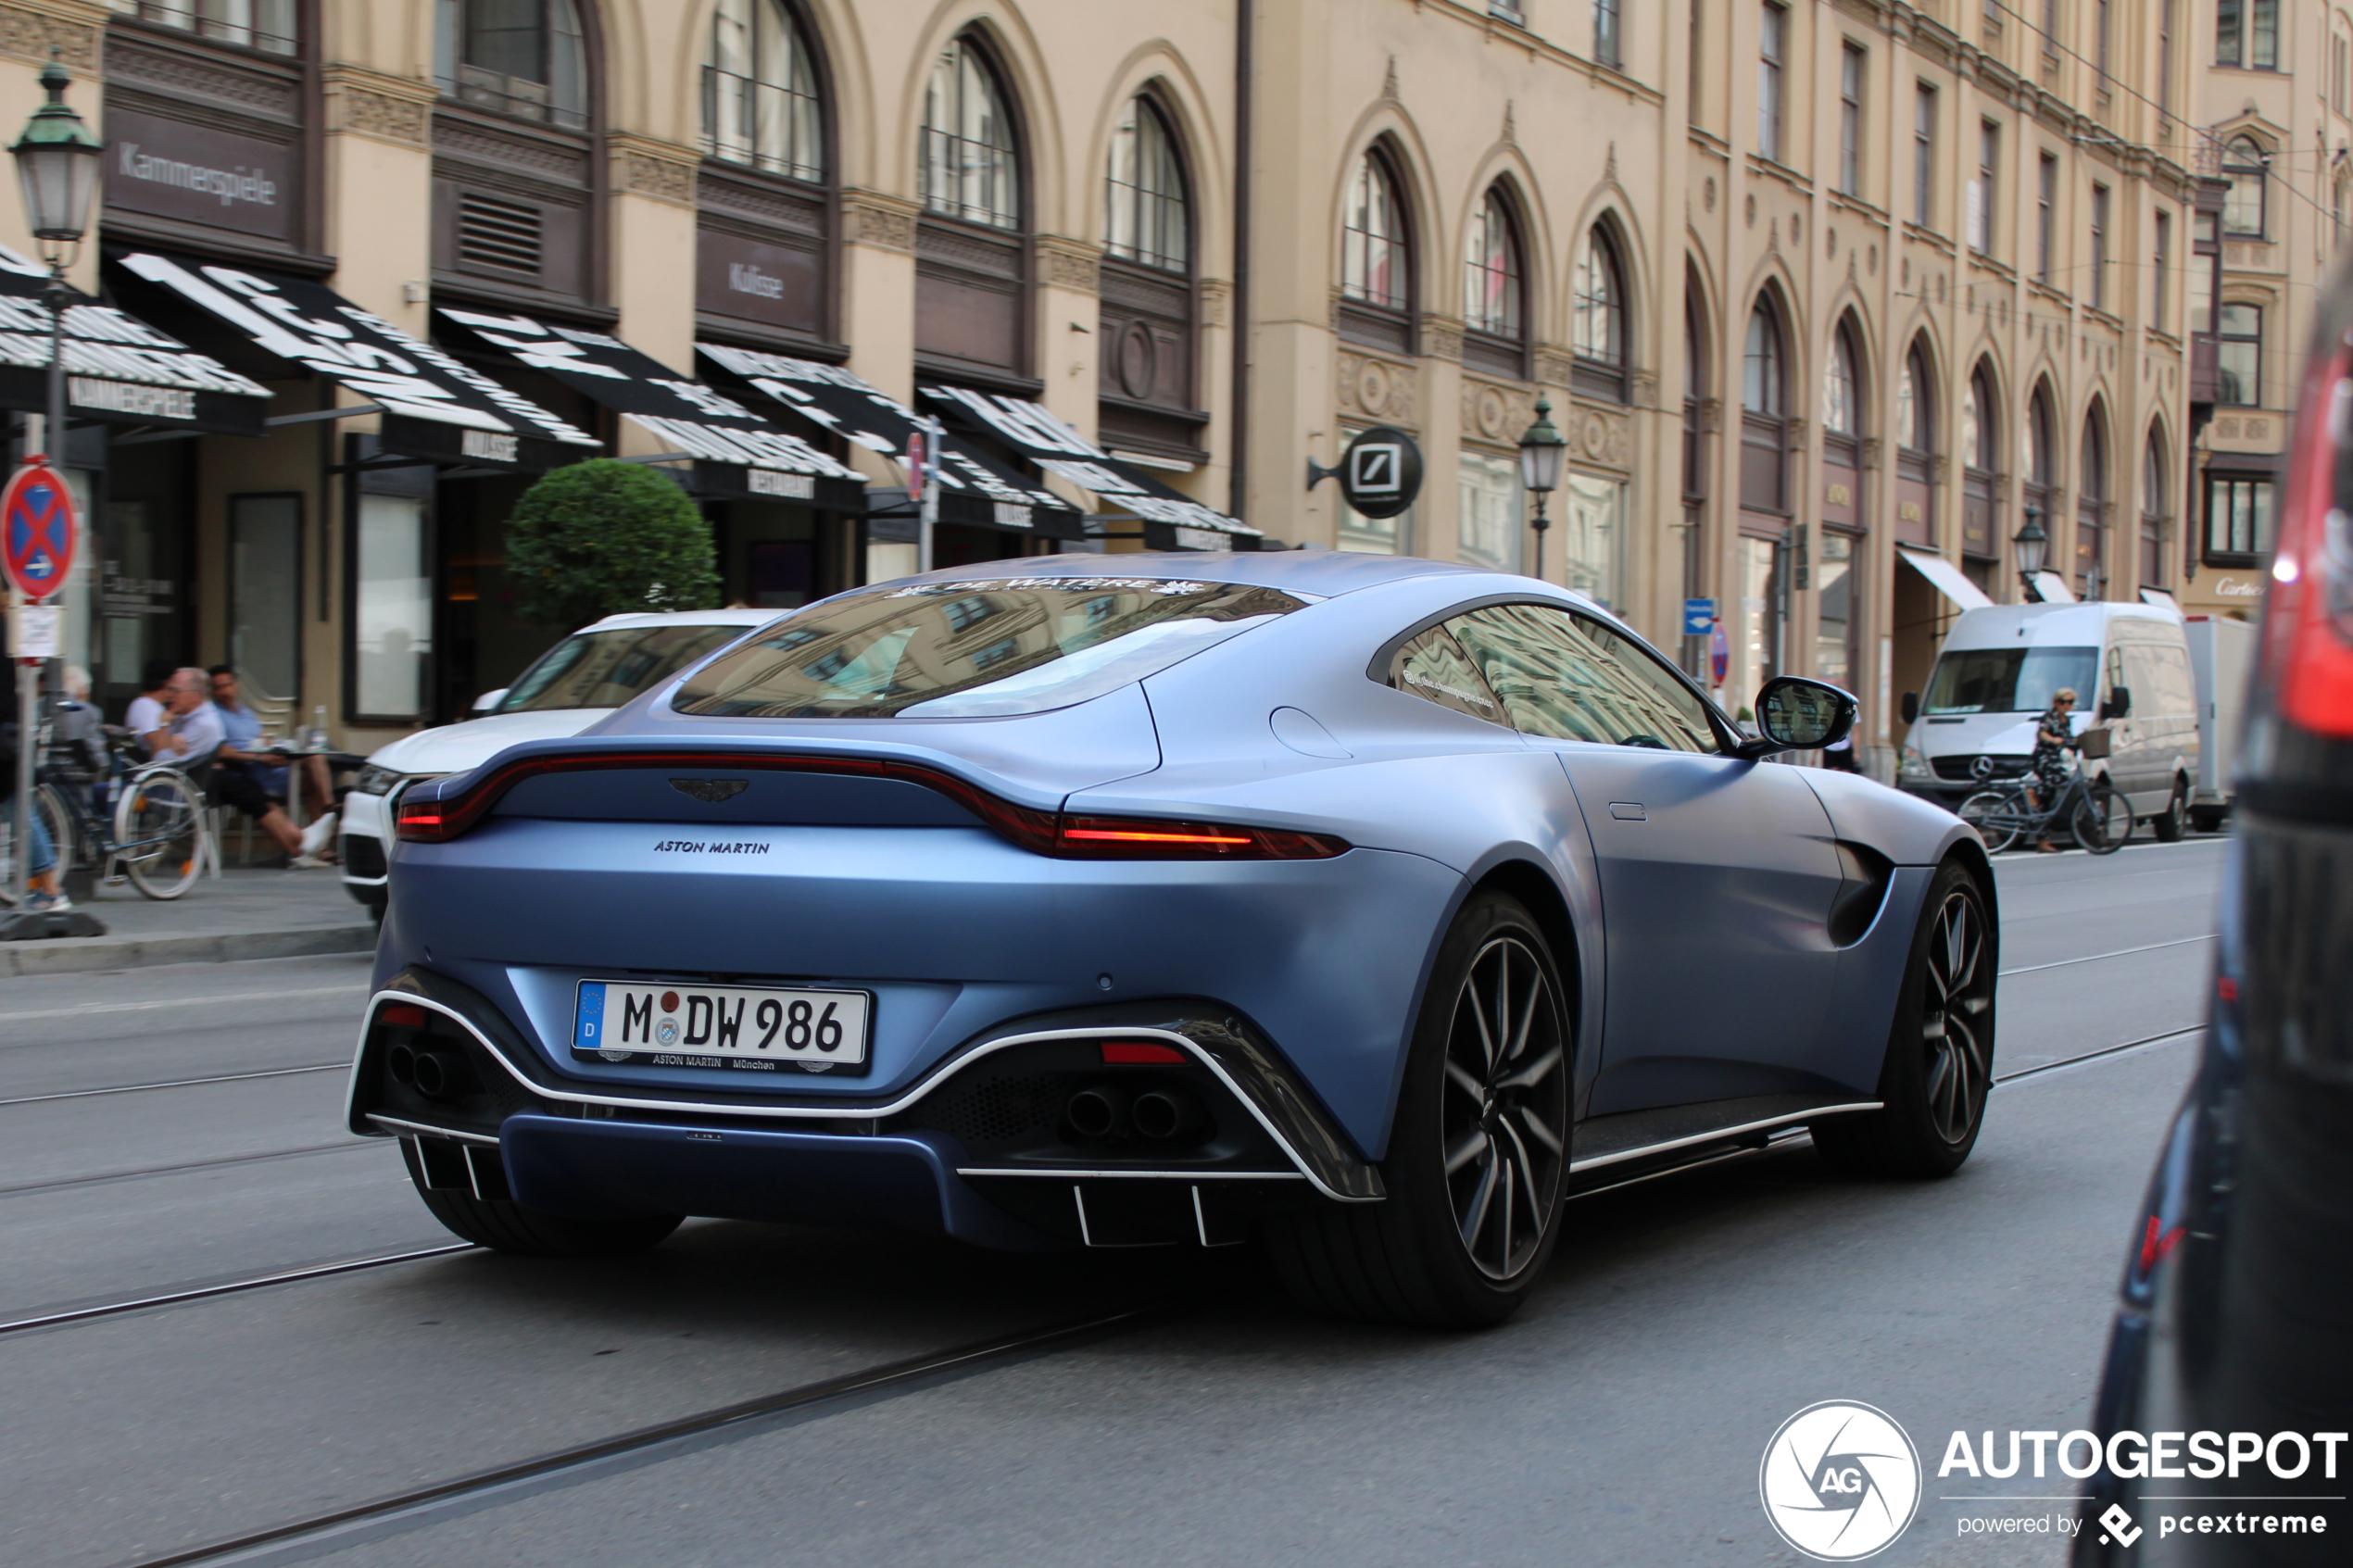 Aston Martin V8 Vantage 2018 28 September 2020 Autogespot